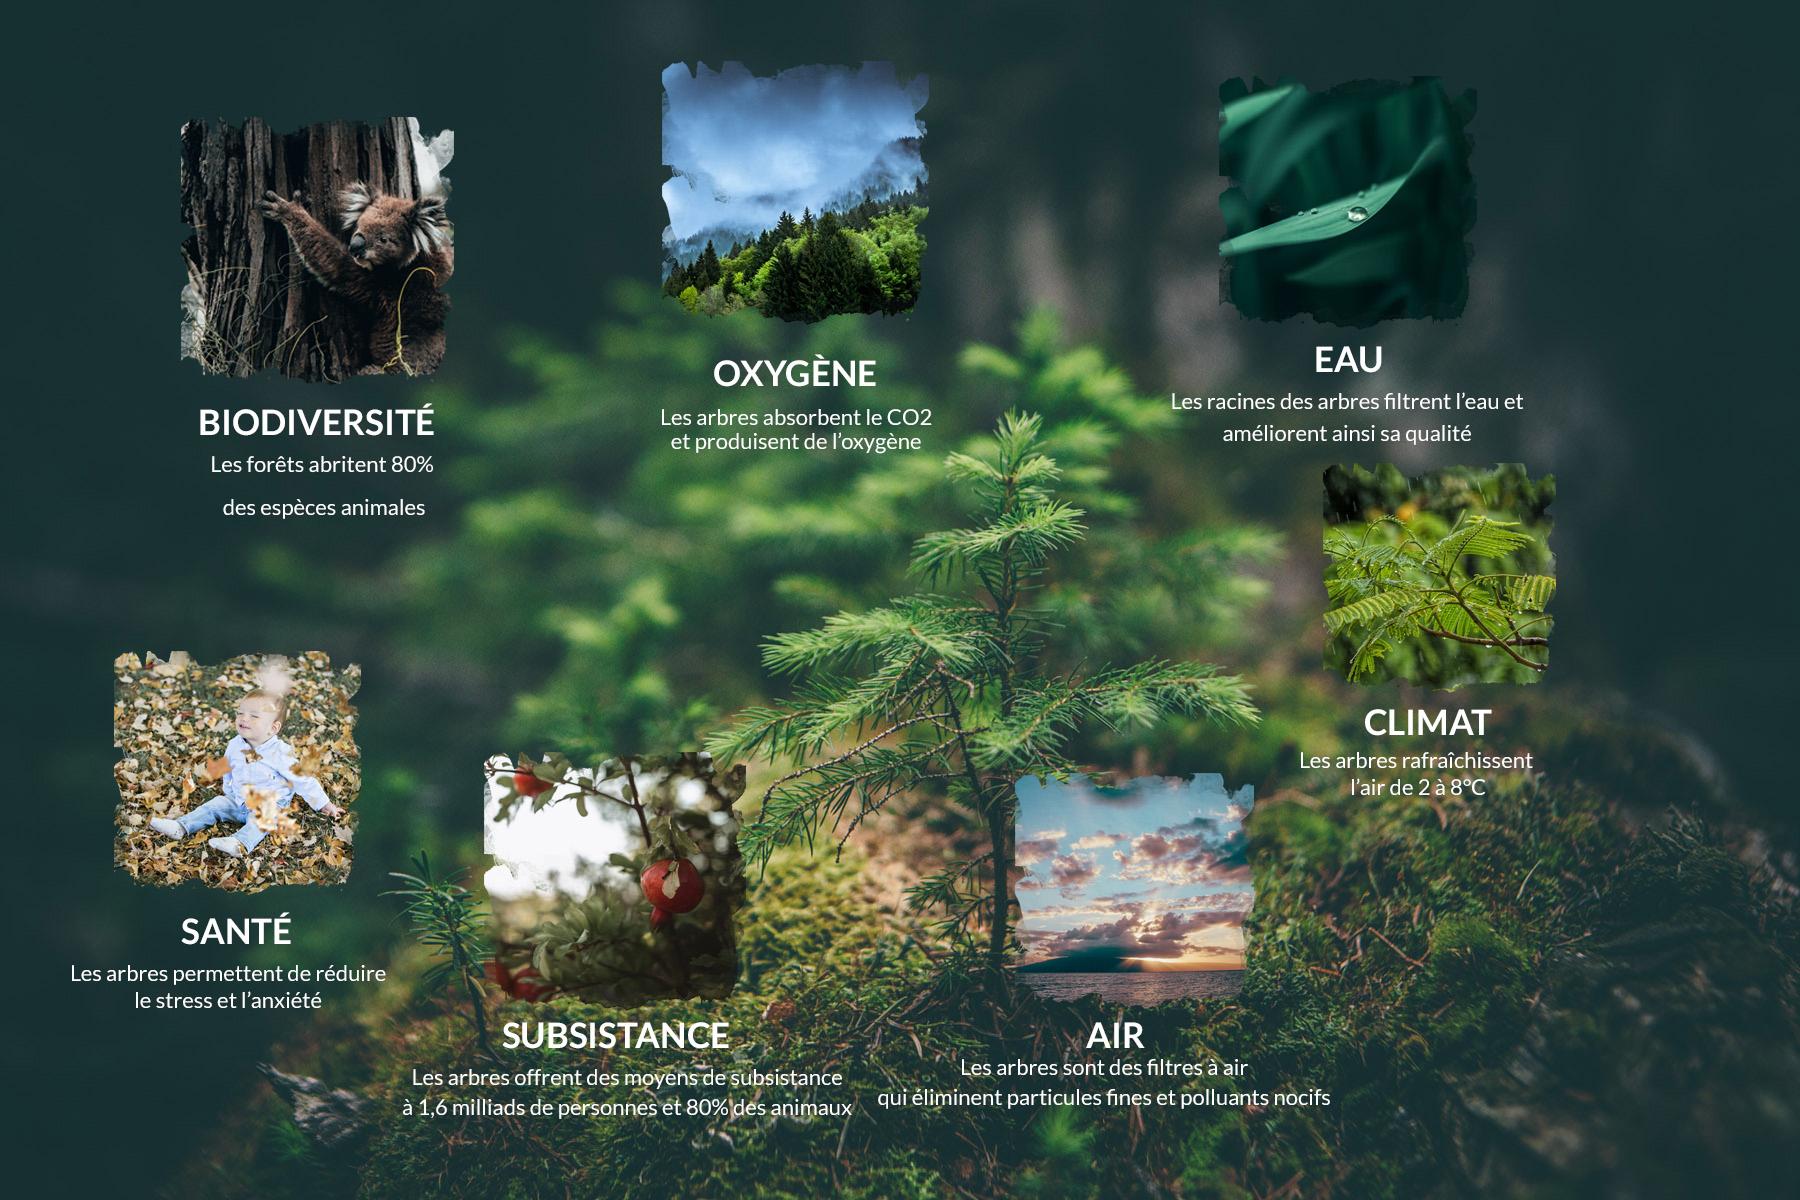 RE-GREEN THE PLANET pourquoi planter des arbres